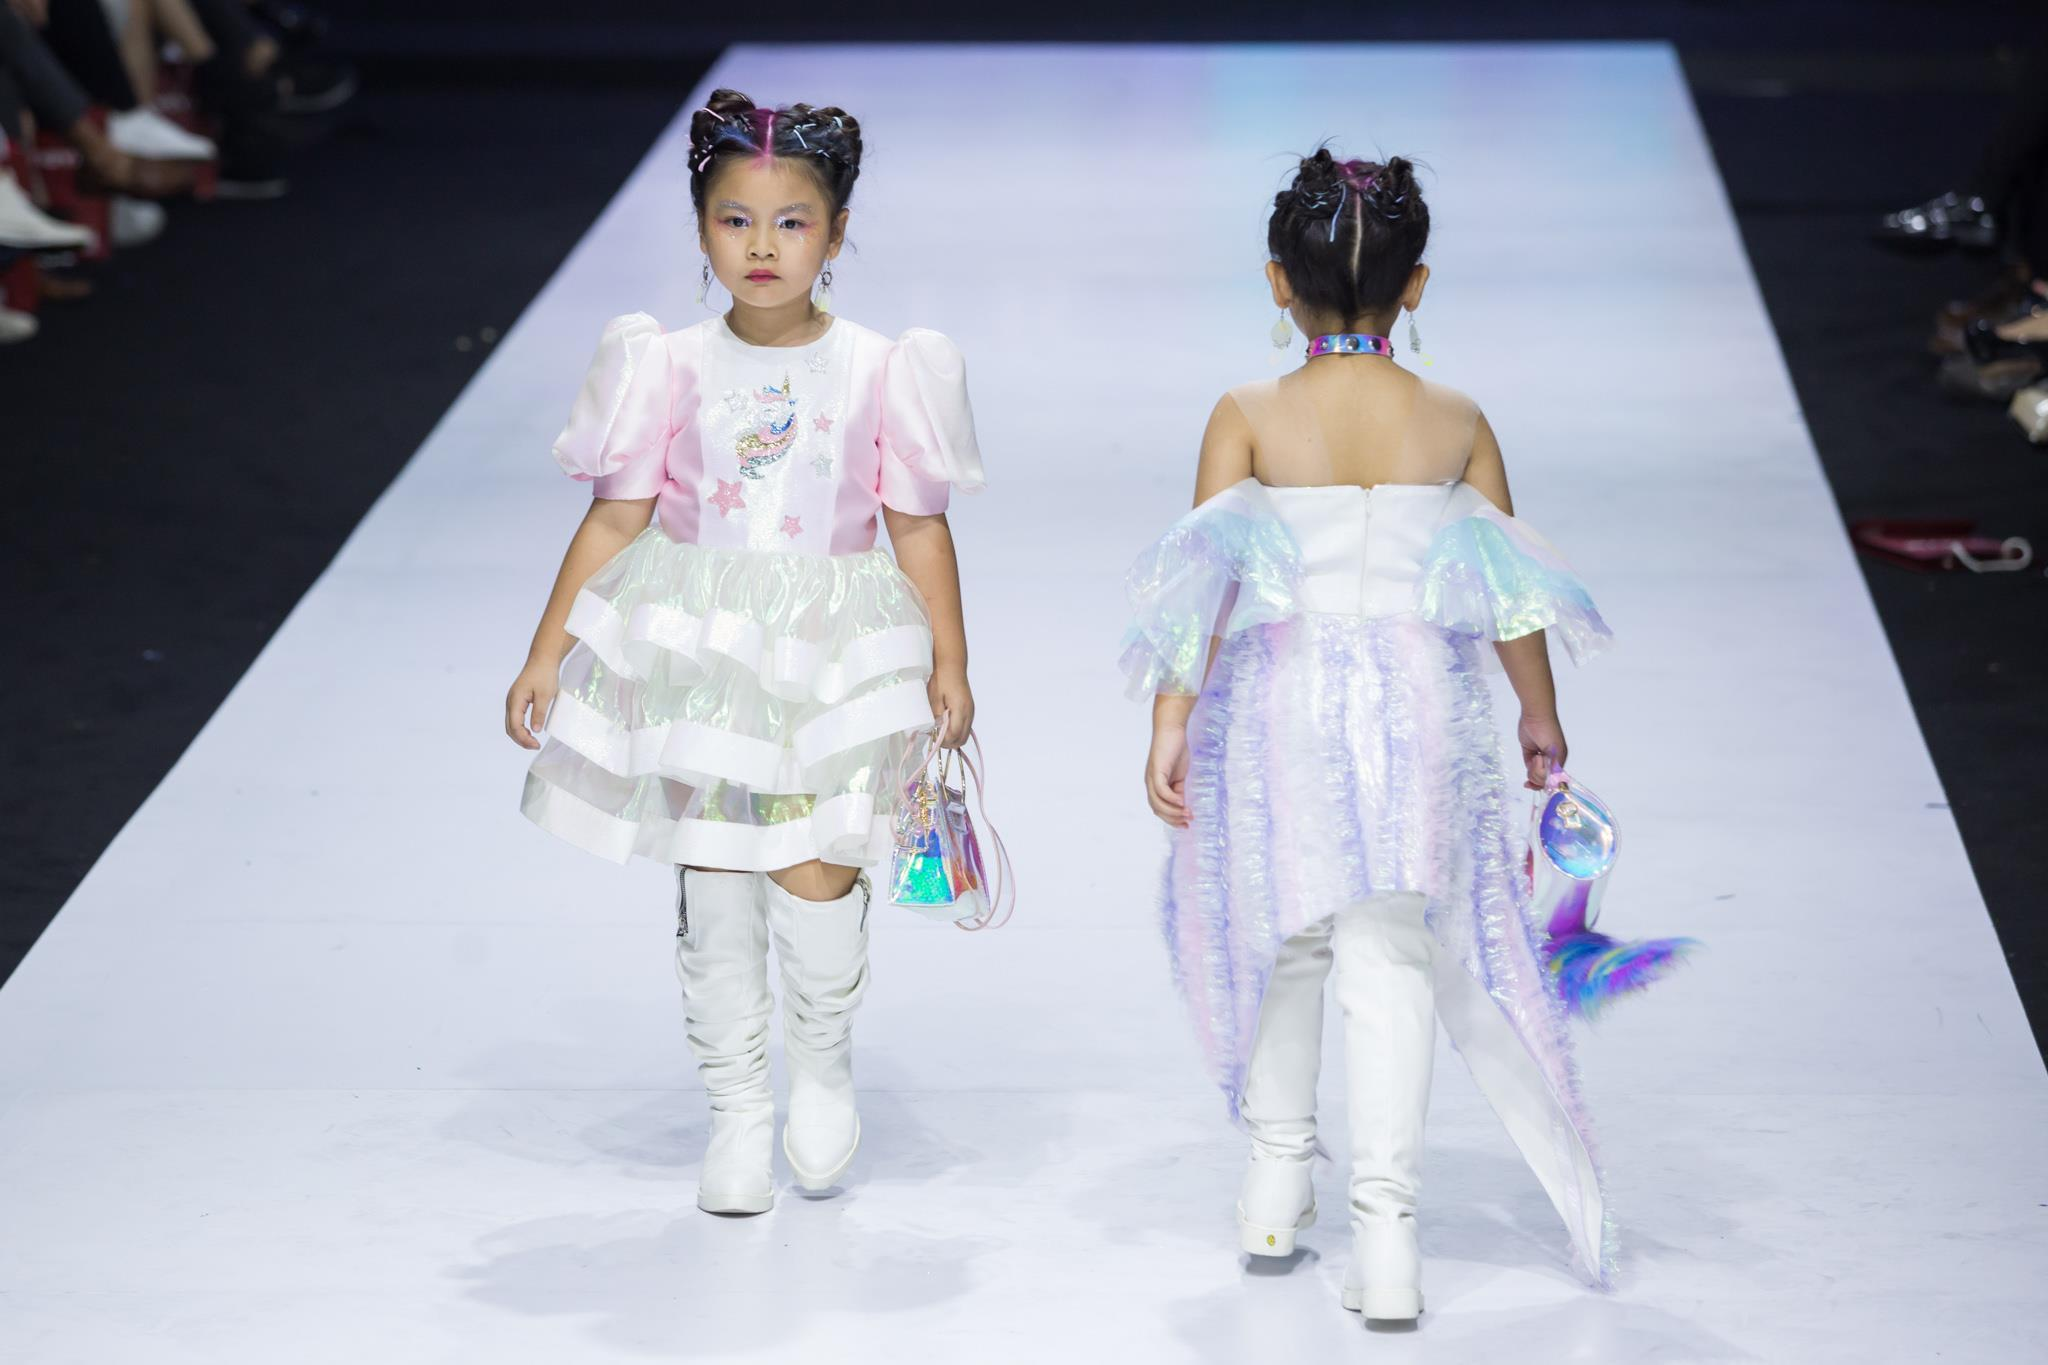 Ivan Trần 'trẻ thơ hóa' sàn diễn Aquafina VIFW mùa thứ 9 Ảnh 6